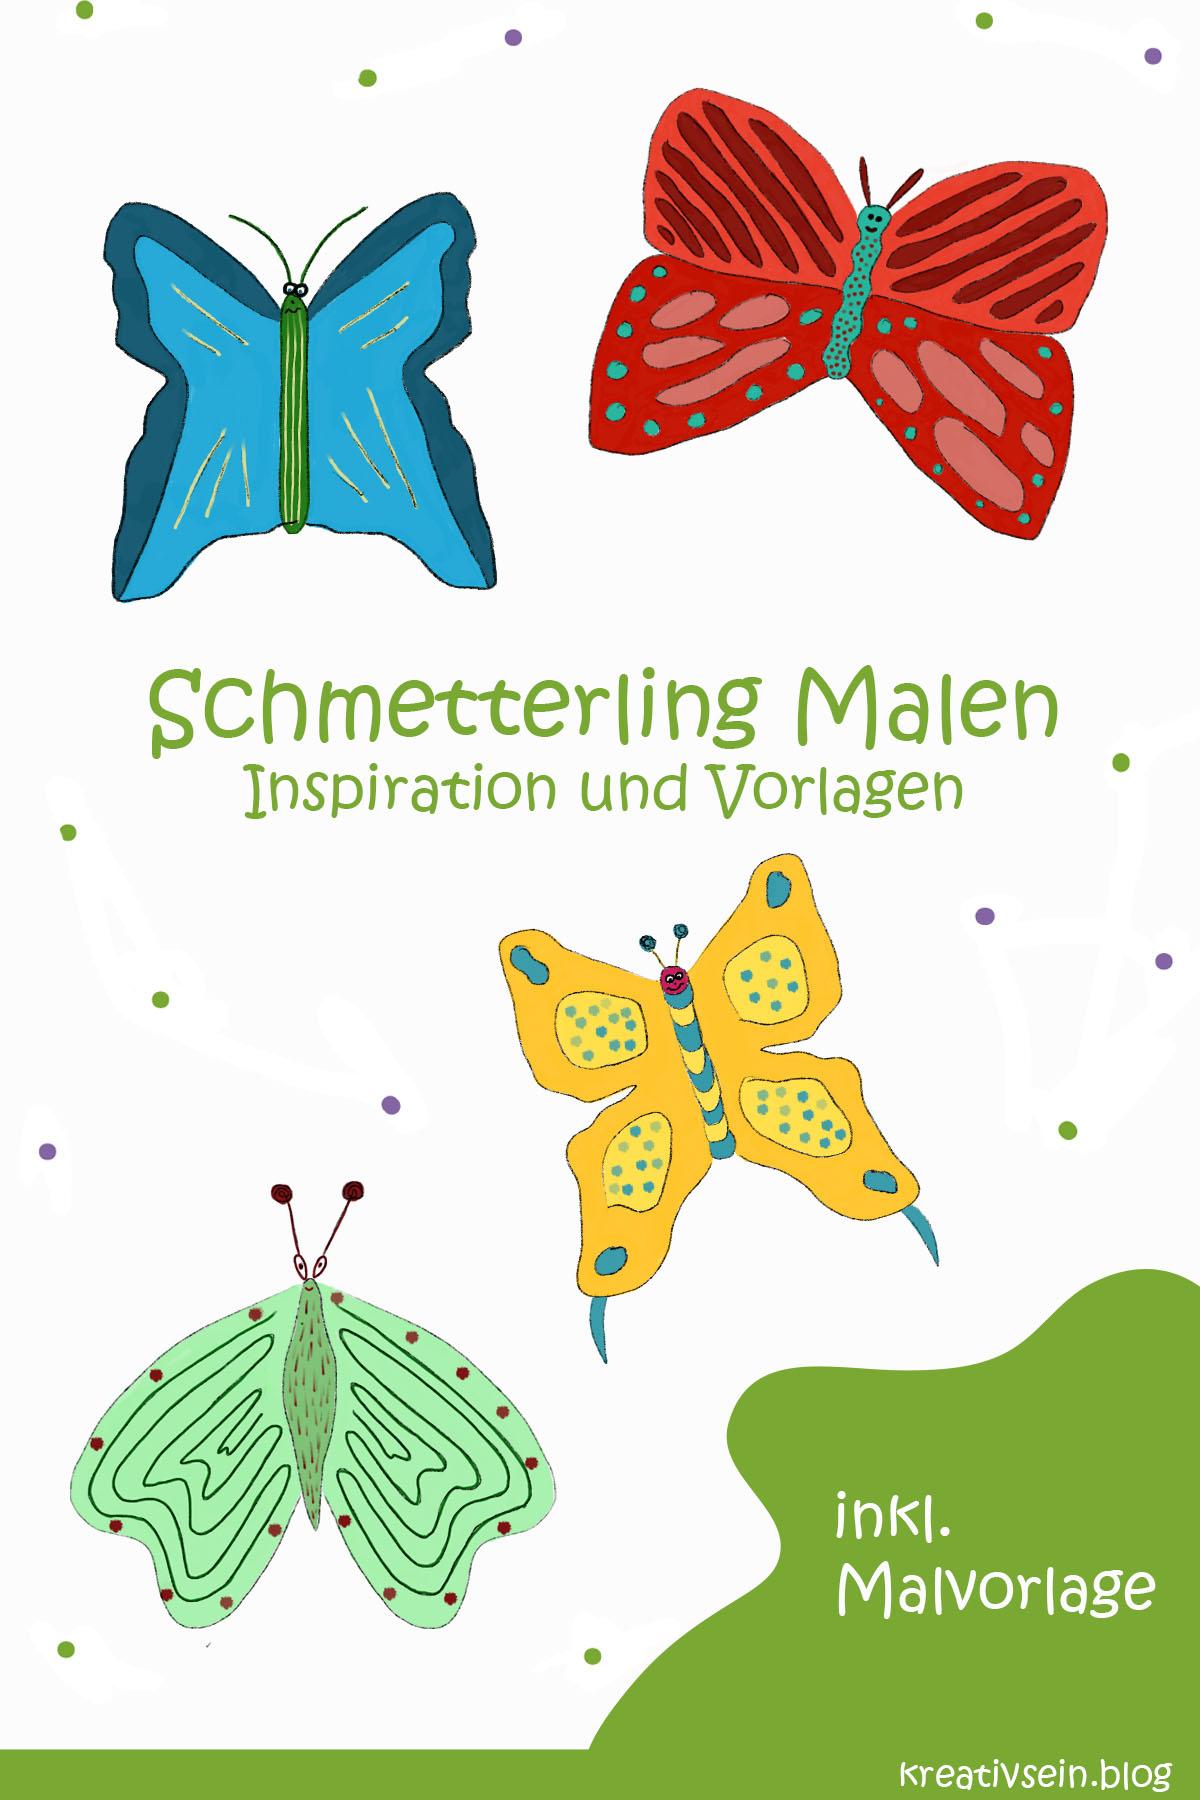 Zum ausmalen schmetterlingsflügel 35 Schmetterling